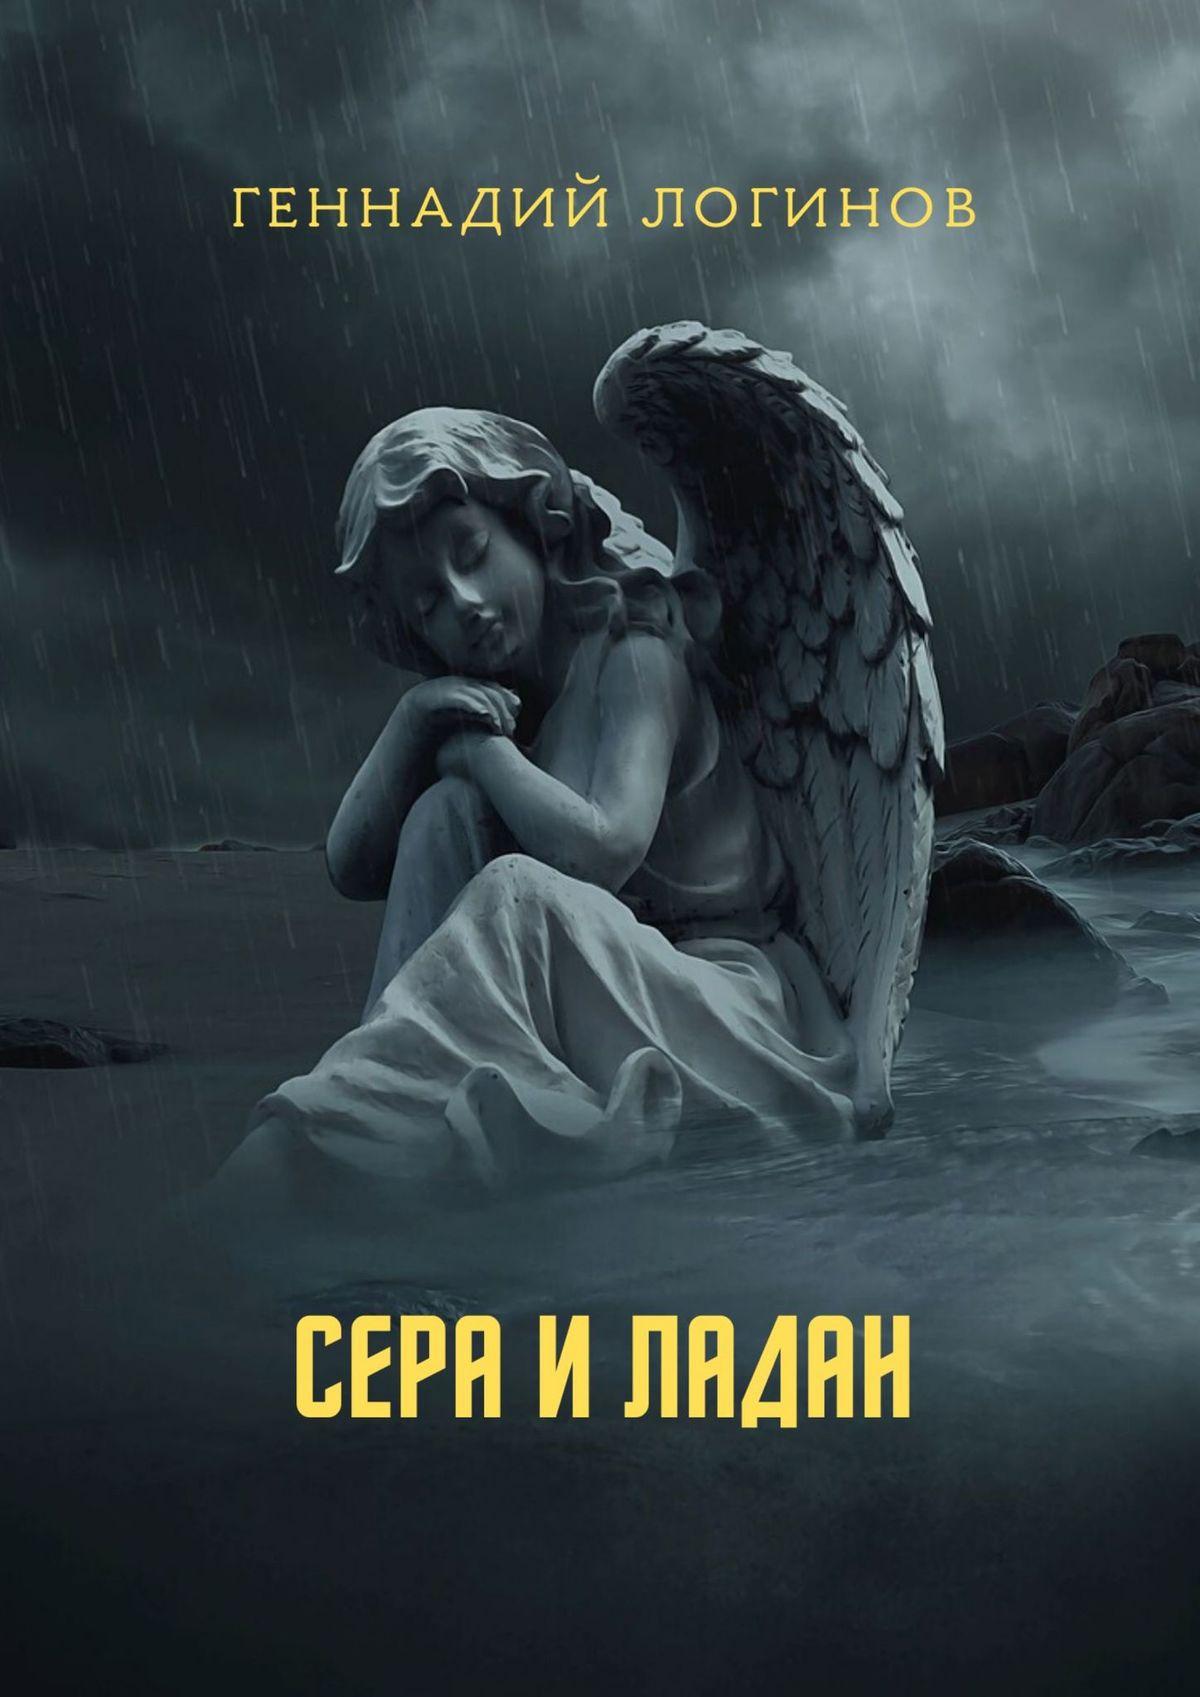 Геннадий Логинов Сера иладан. Стихи иповести